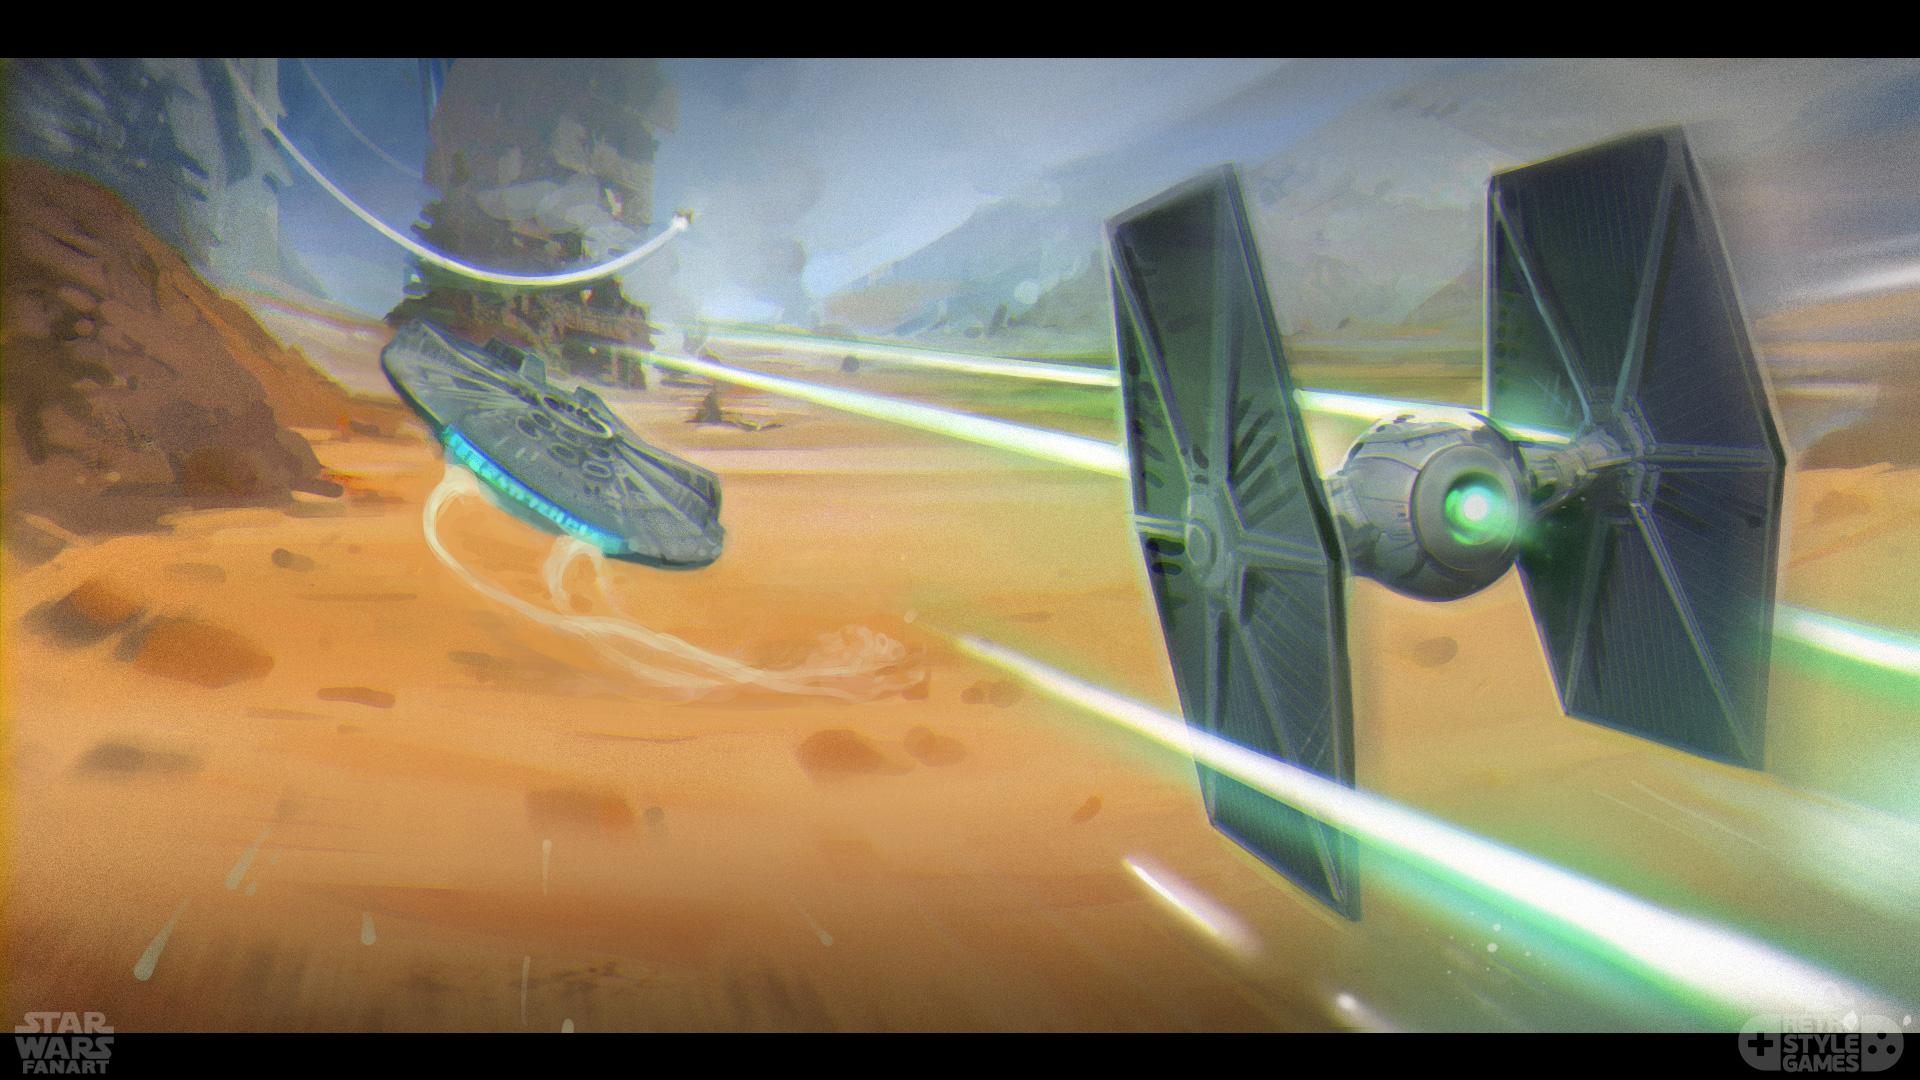 StarWars Millenium Falcon Tie Fighter chase fanart